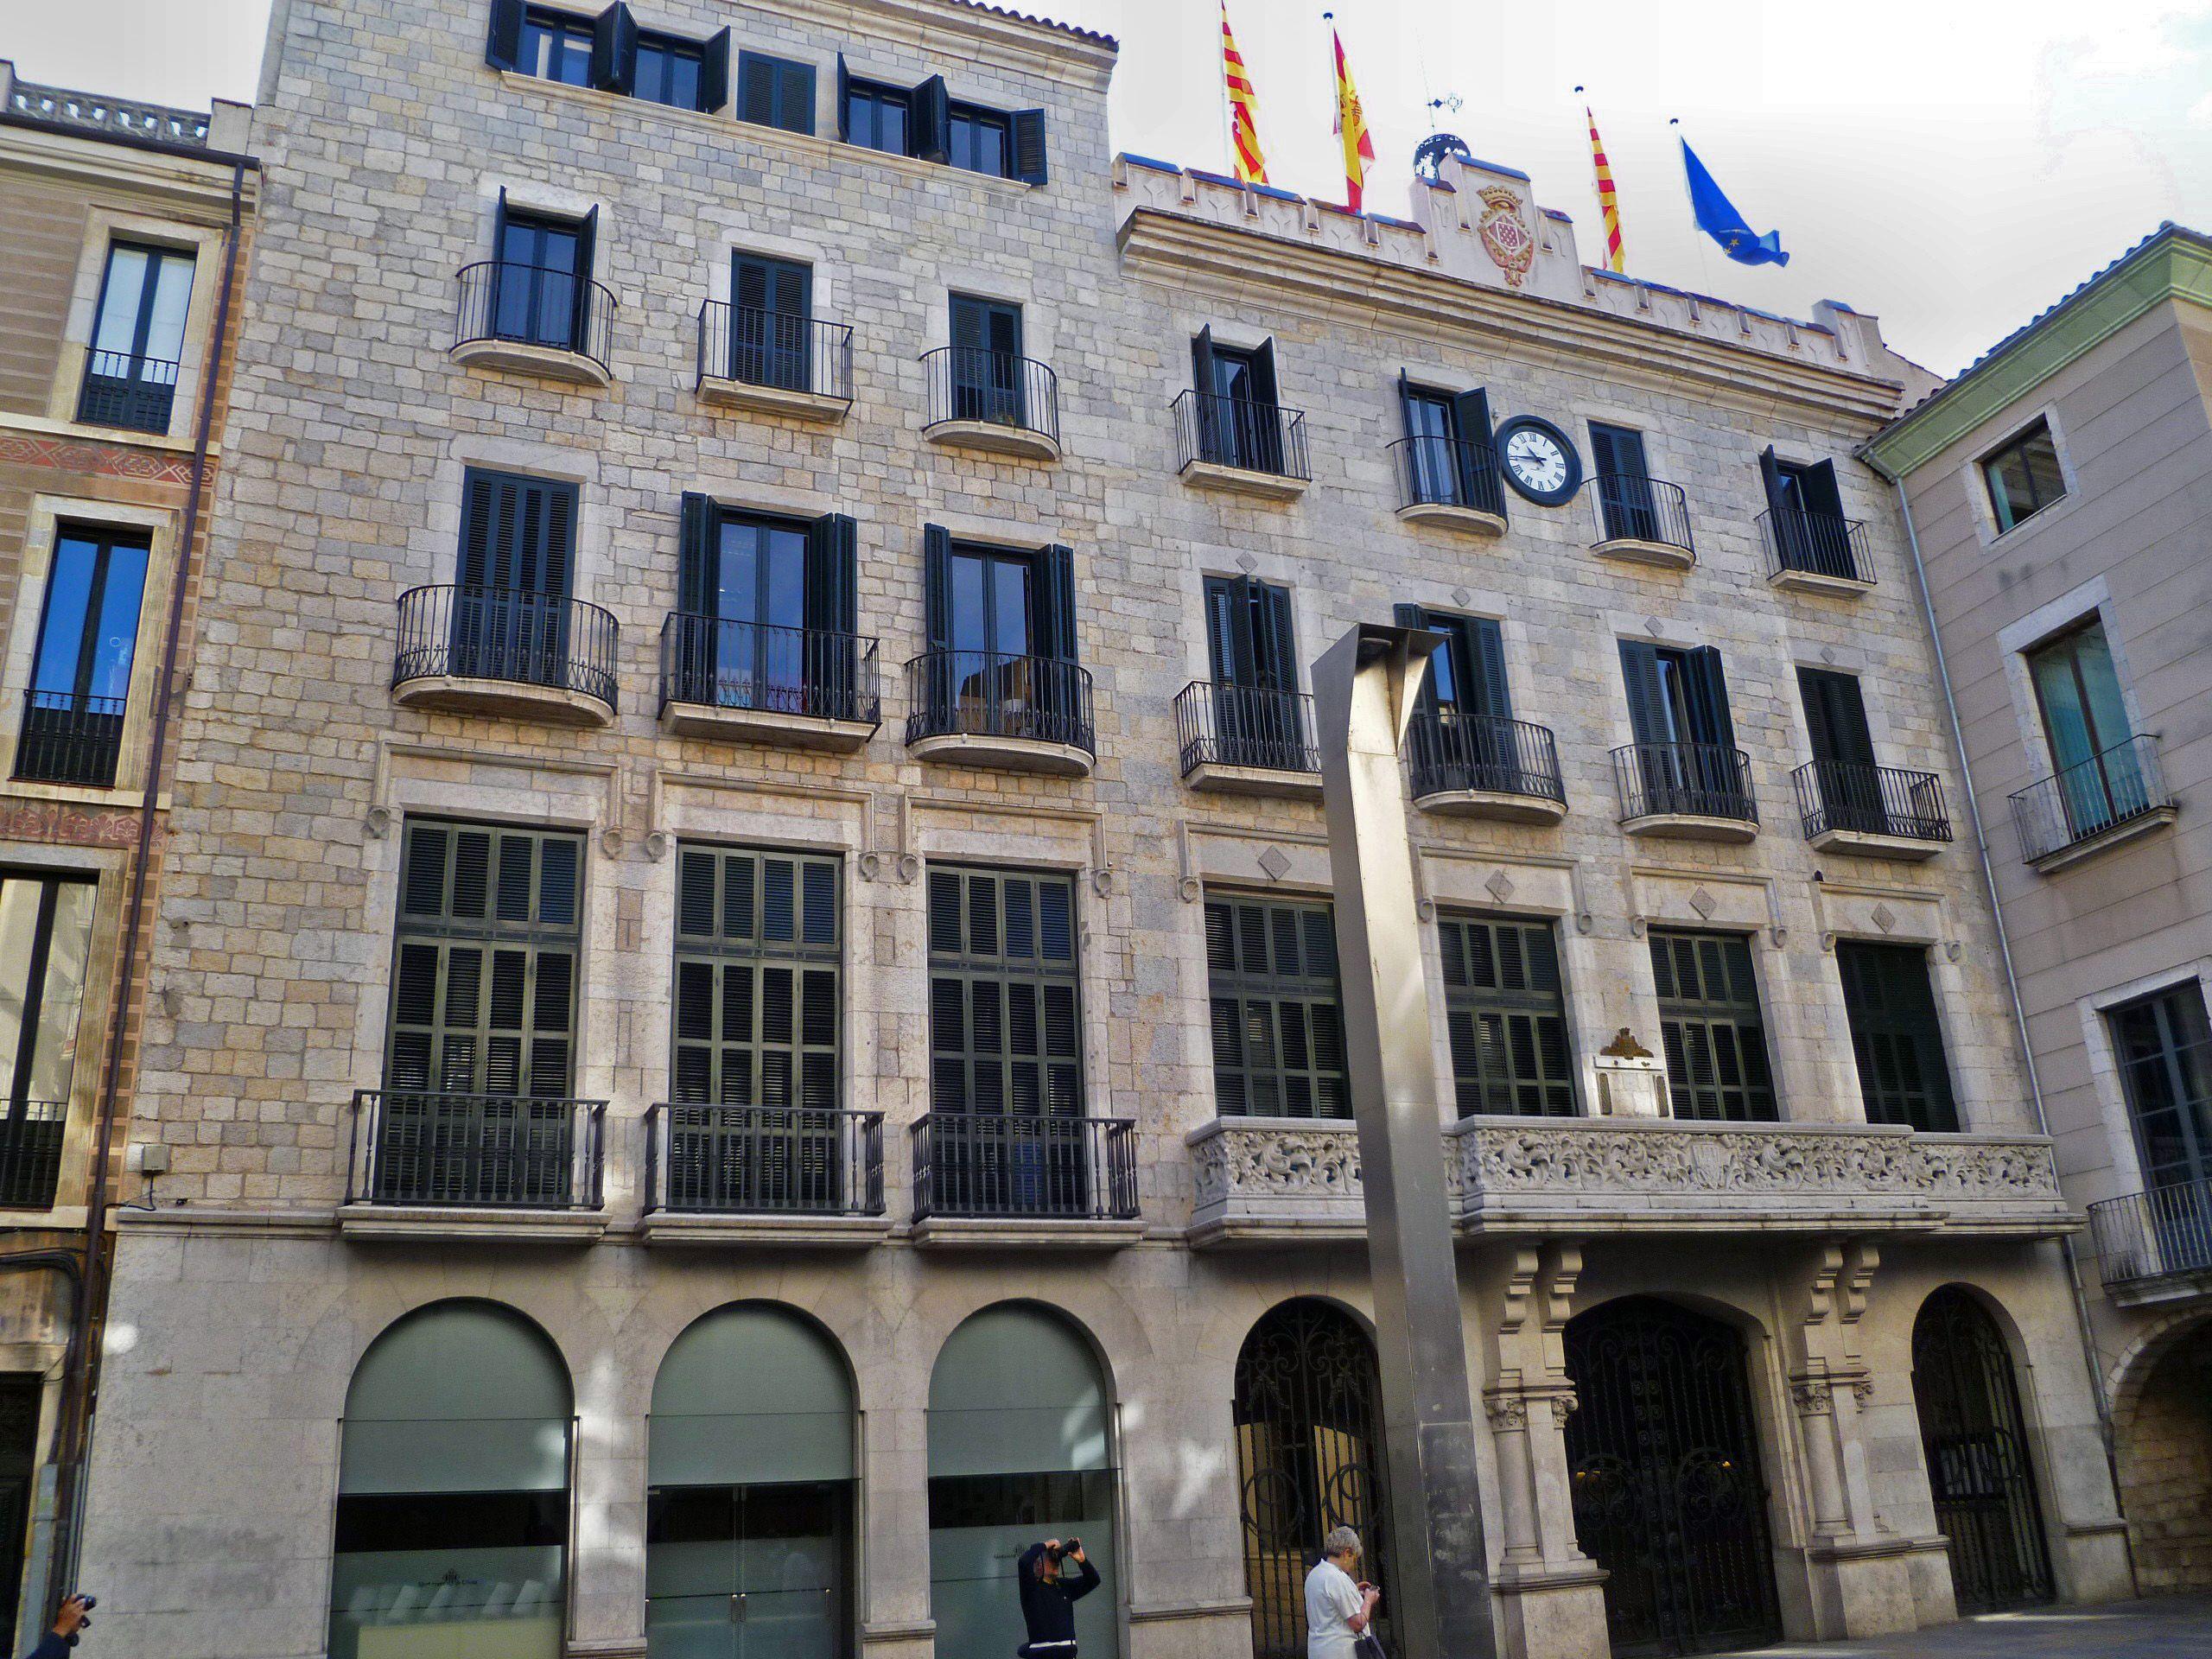 Antifraude investiga el ayuntamiento de gerona for Oficina de extranjeria girona